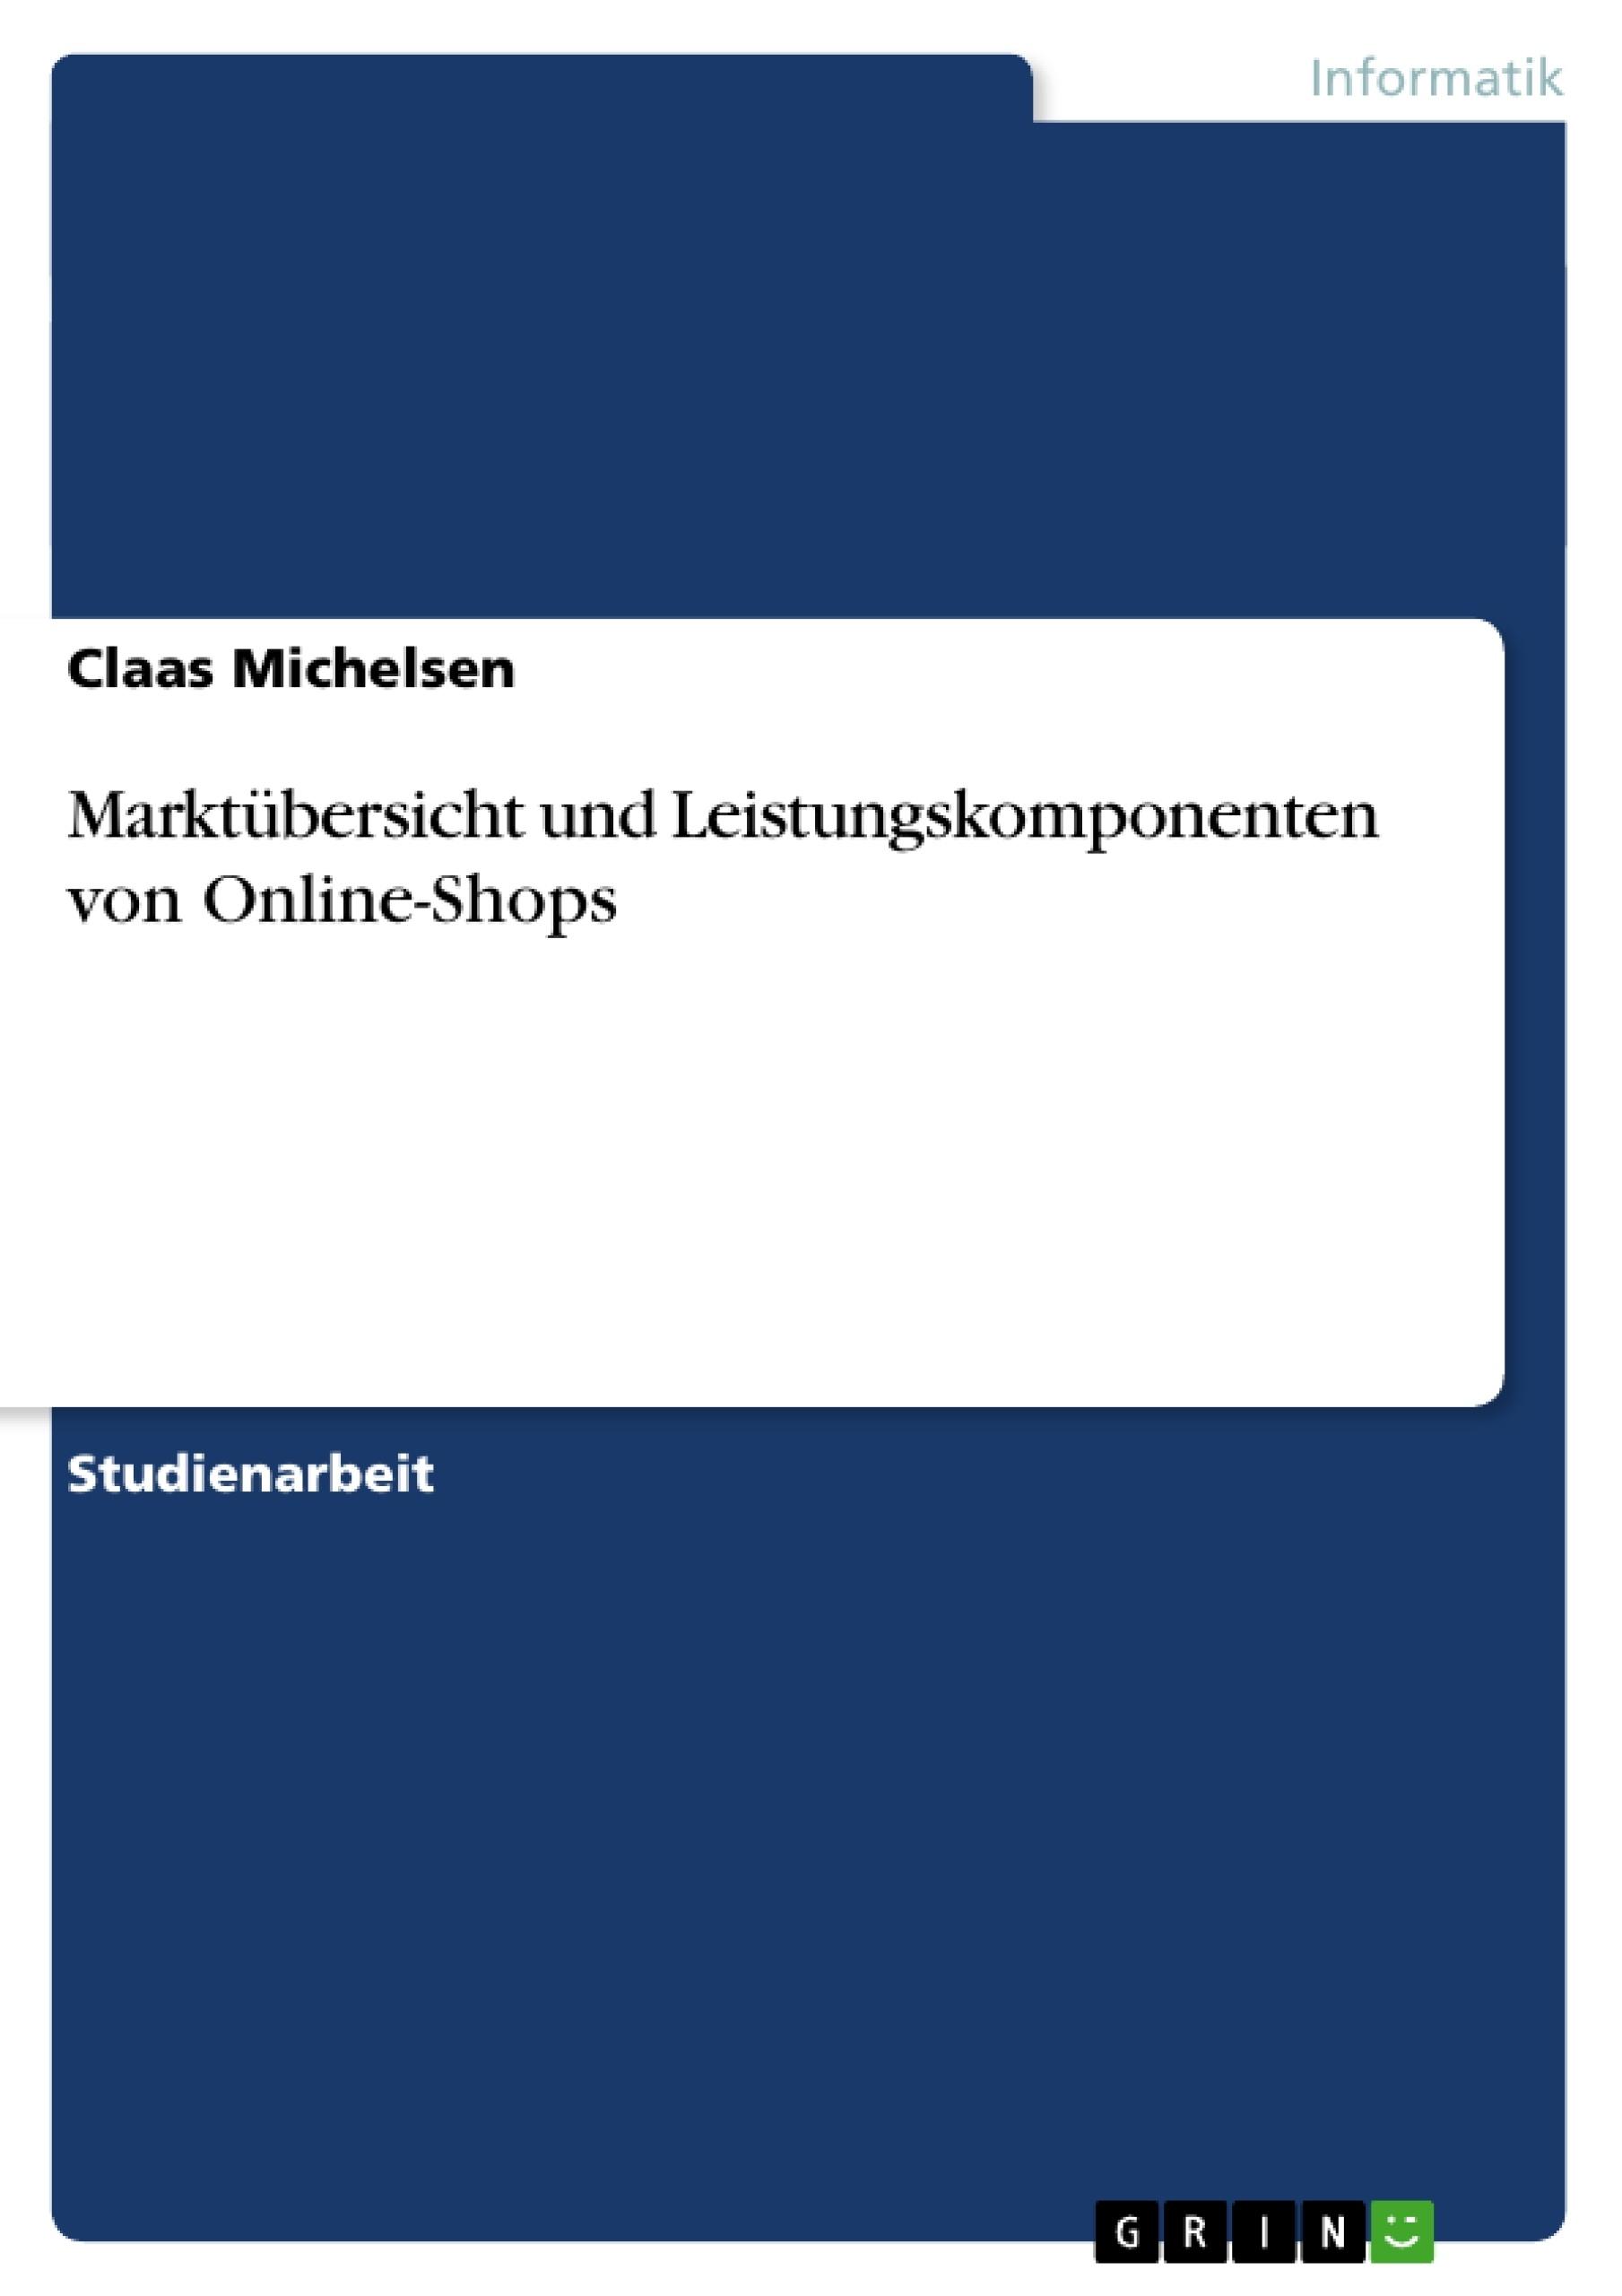 Titel: Marktübersicht und Leistungskomponenten von Online-Shops